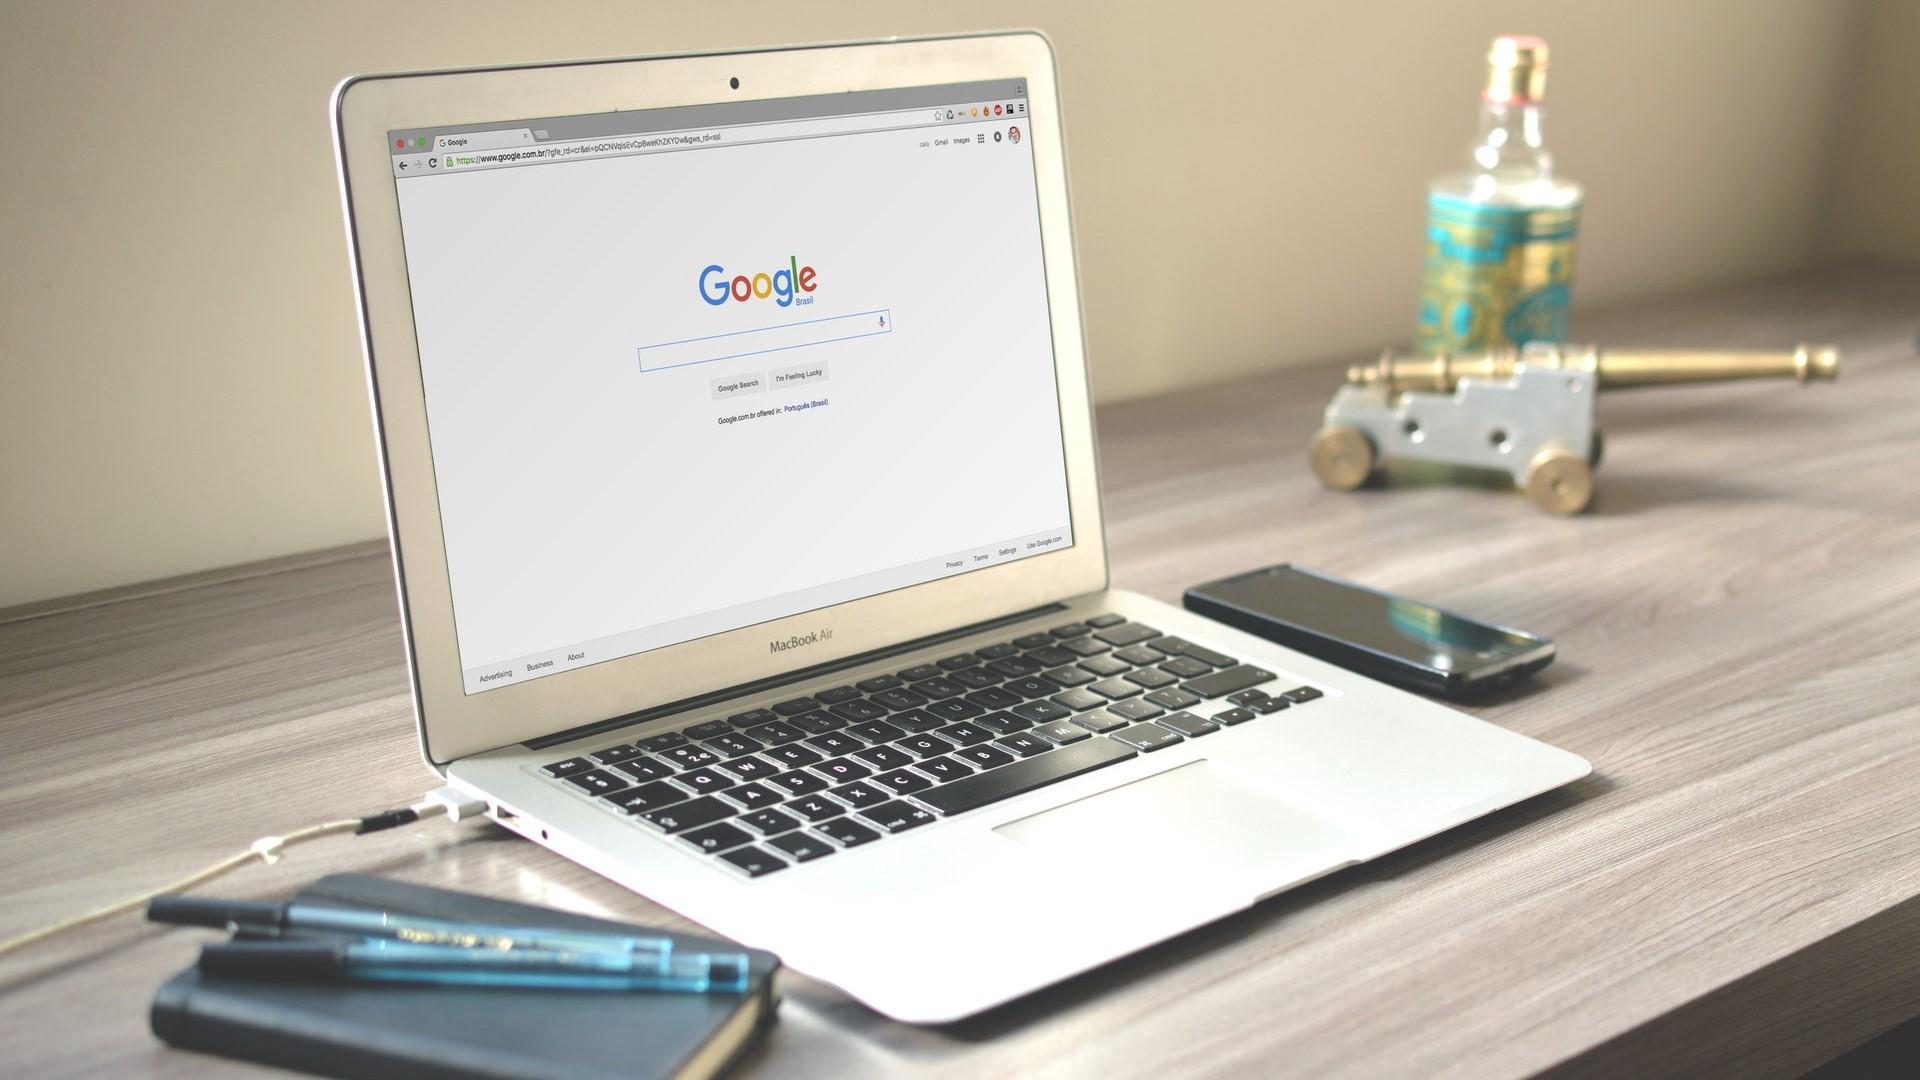 - Google tror at de kan gjøre disse endringene uten konsekvenser.